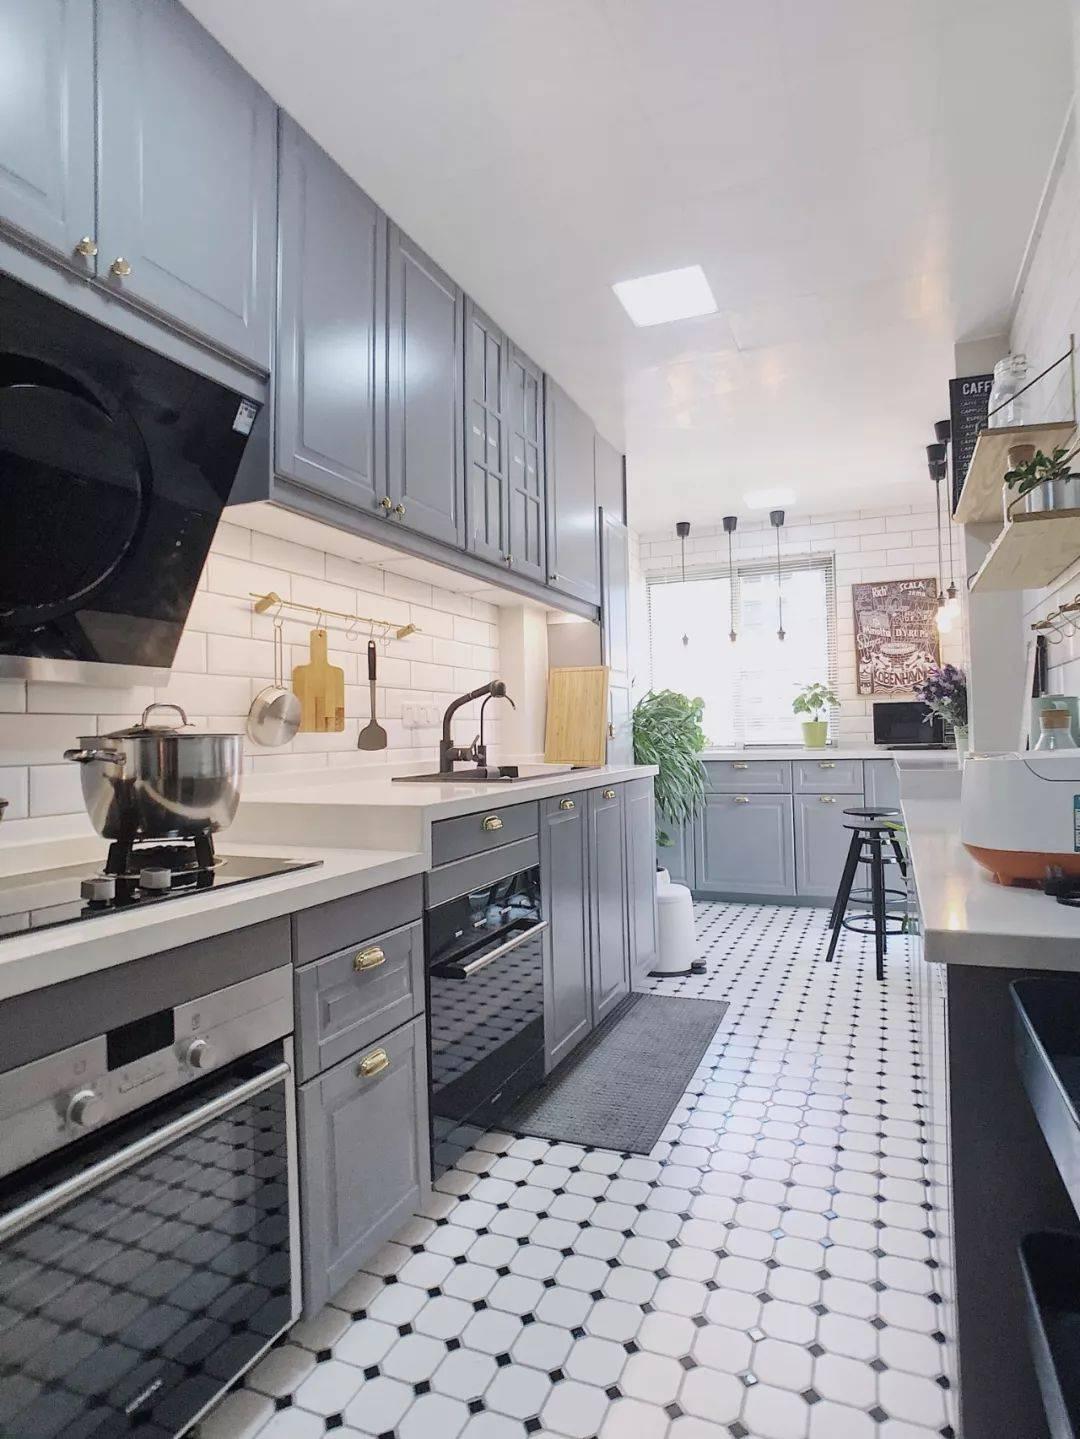 越来越多人厨房做高低台设计,太实用了,再也不用弯腰驼背做菜了